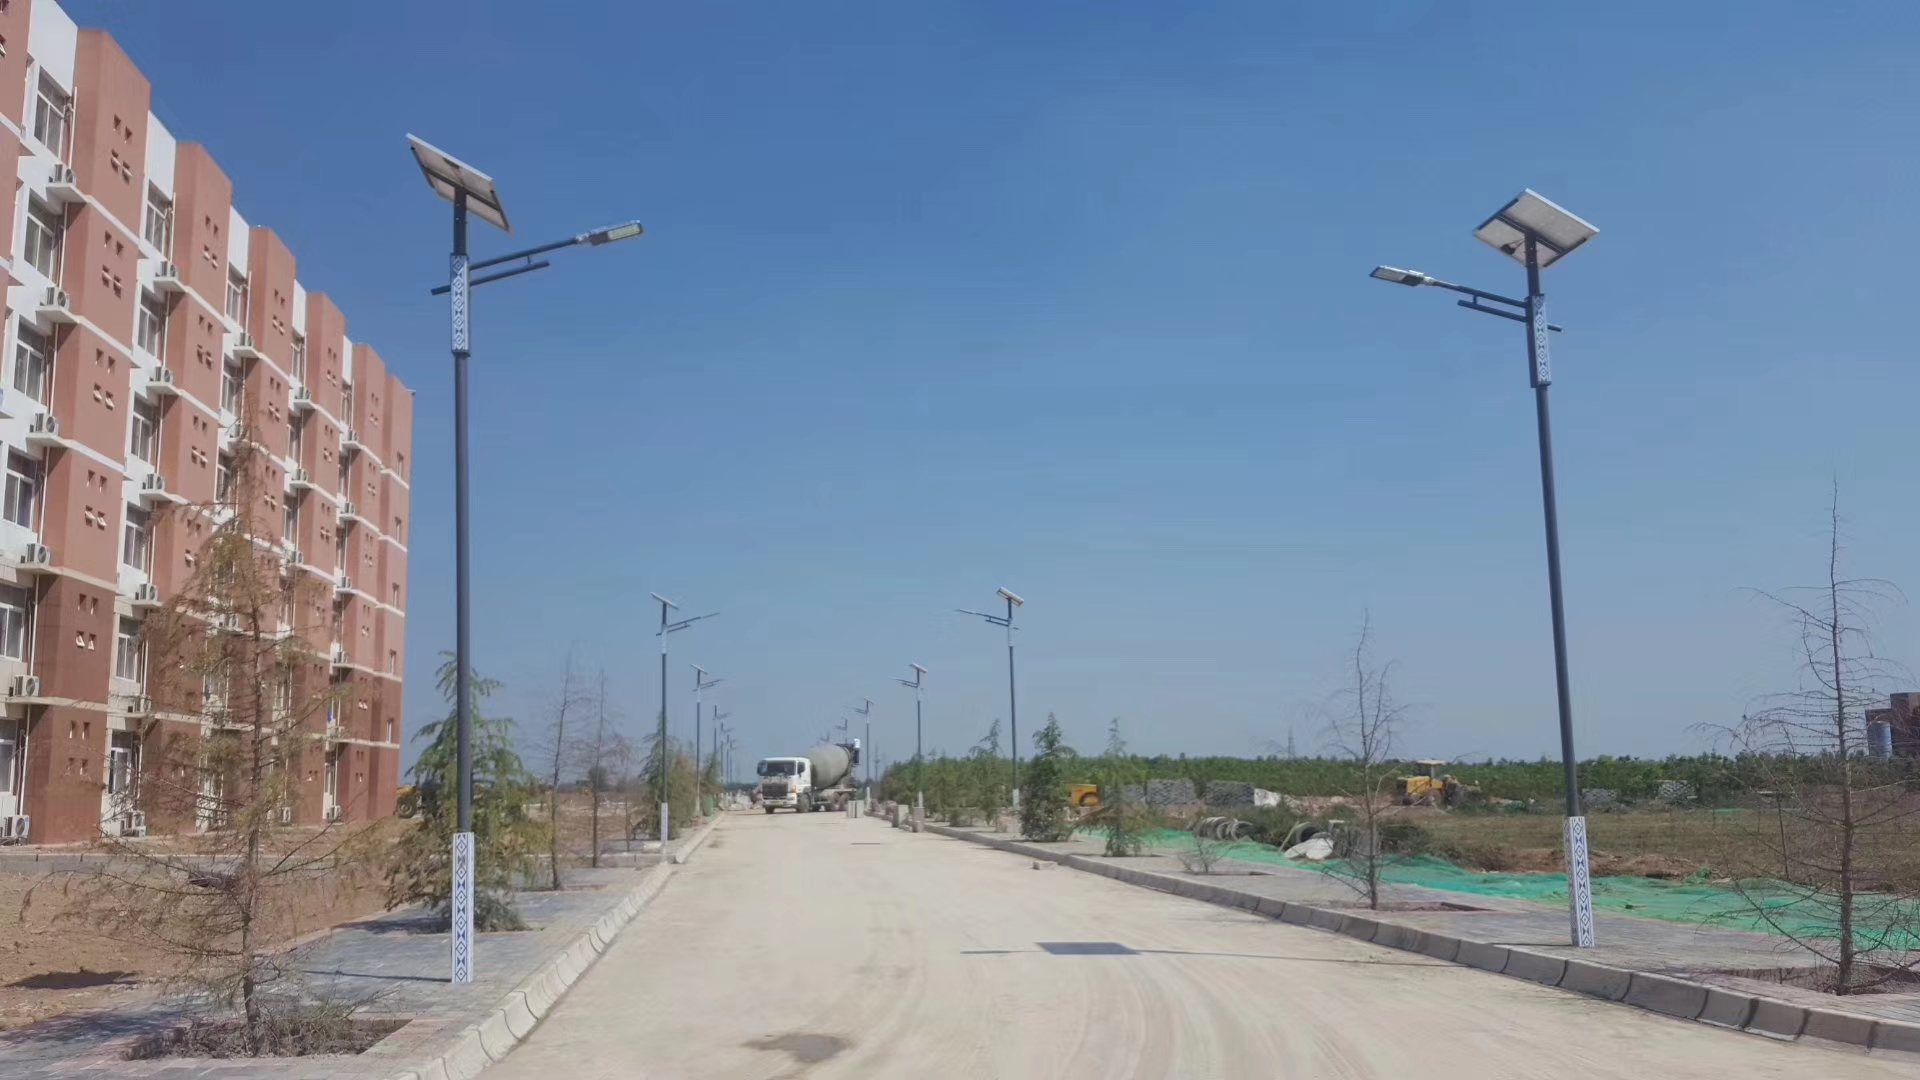 太阳能路灯的工作原理是什么?有哪些方面的问题!